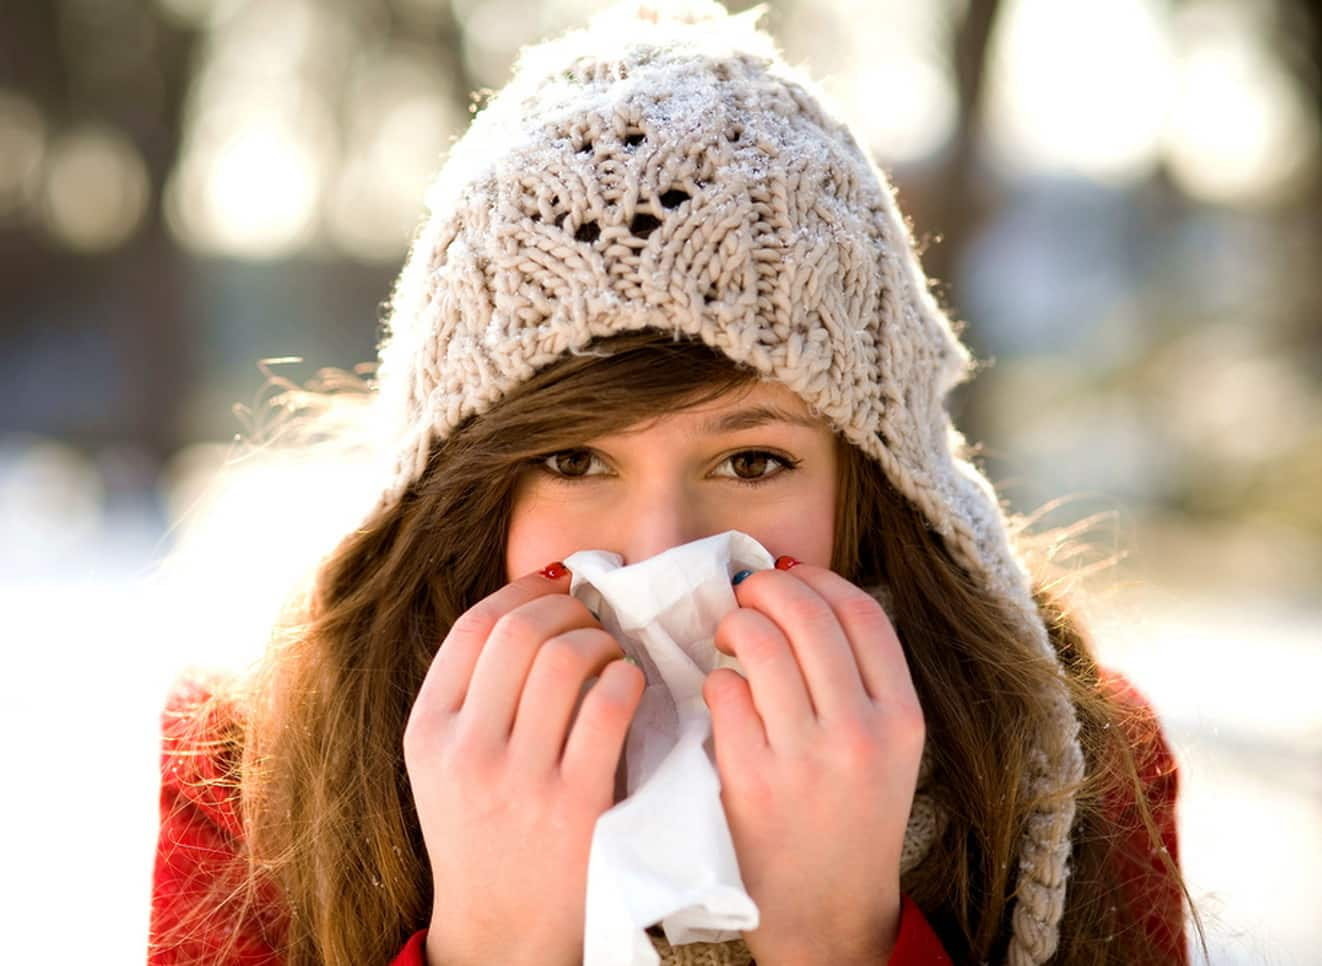 Difese immunitarie e freddo: come difendersi dai malanni?